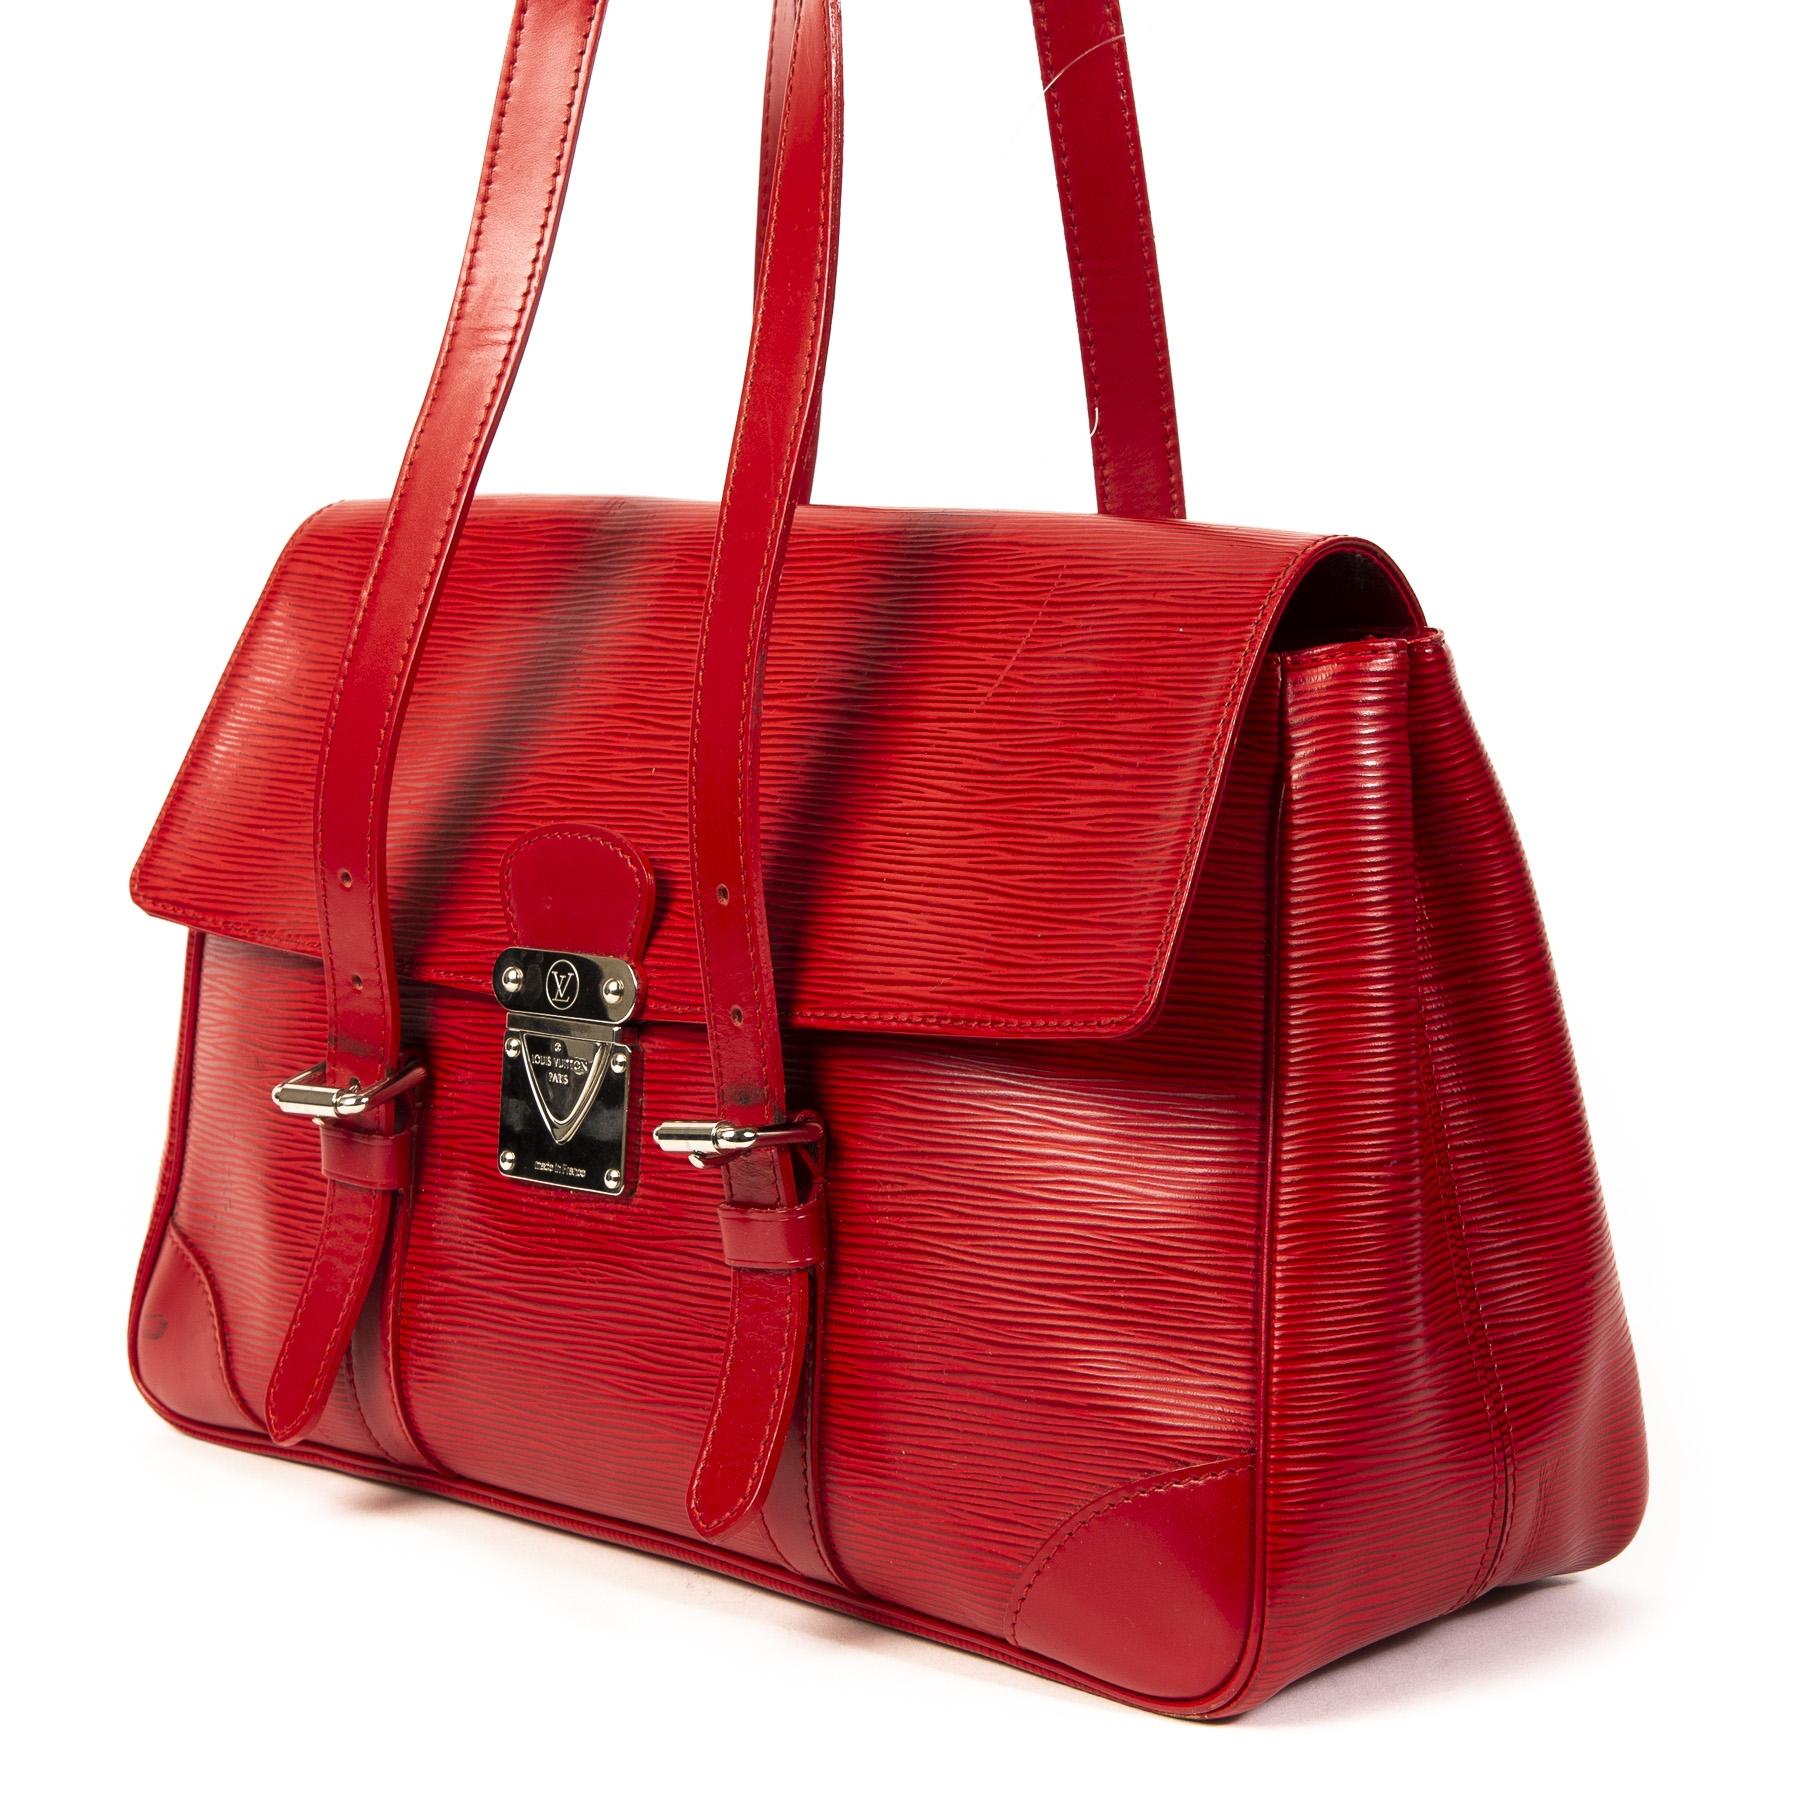 Louis Vuitton Castillion Red Epi Leather Segur Shoulder Bag kopen en verkopen aan de beste prijs